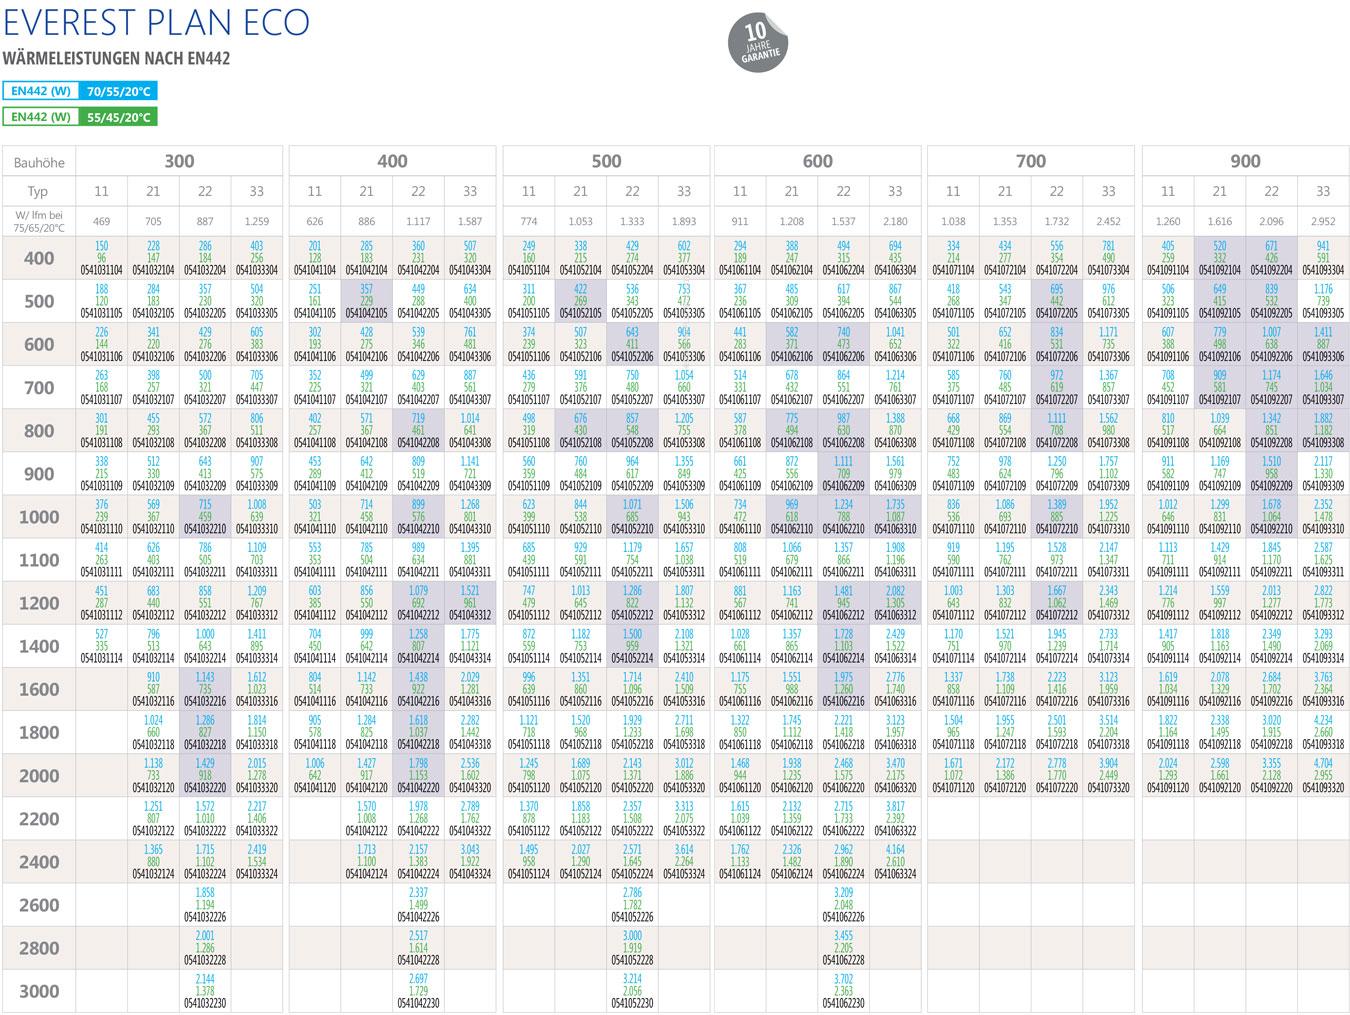 Henrad Wärmeleistungen nach EN442 Everest Plan Eco Heizkörper